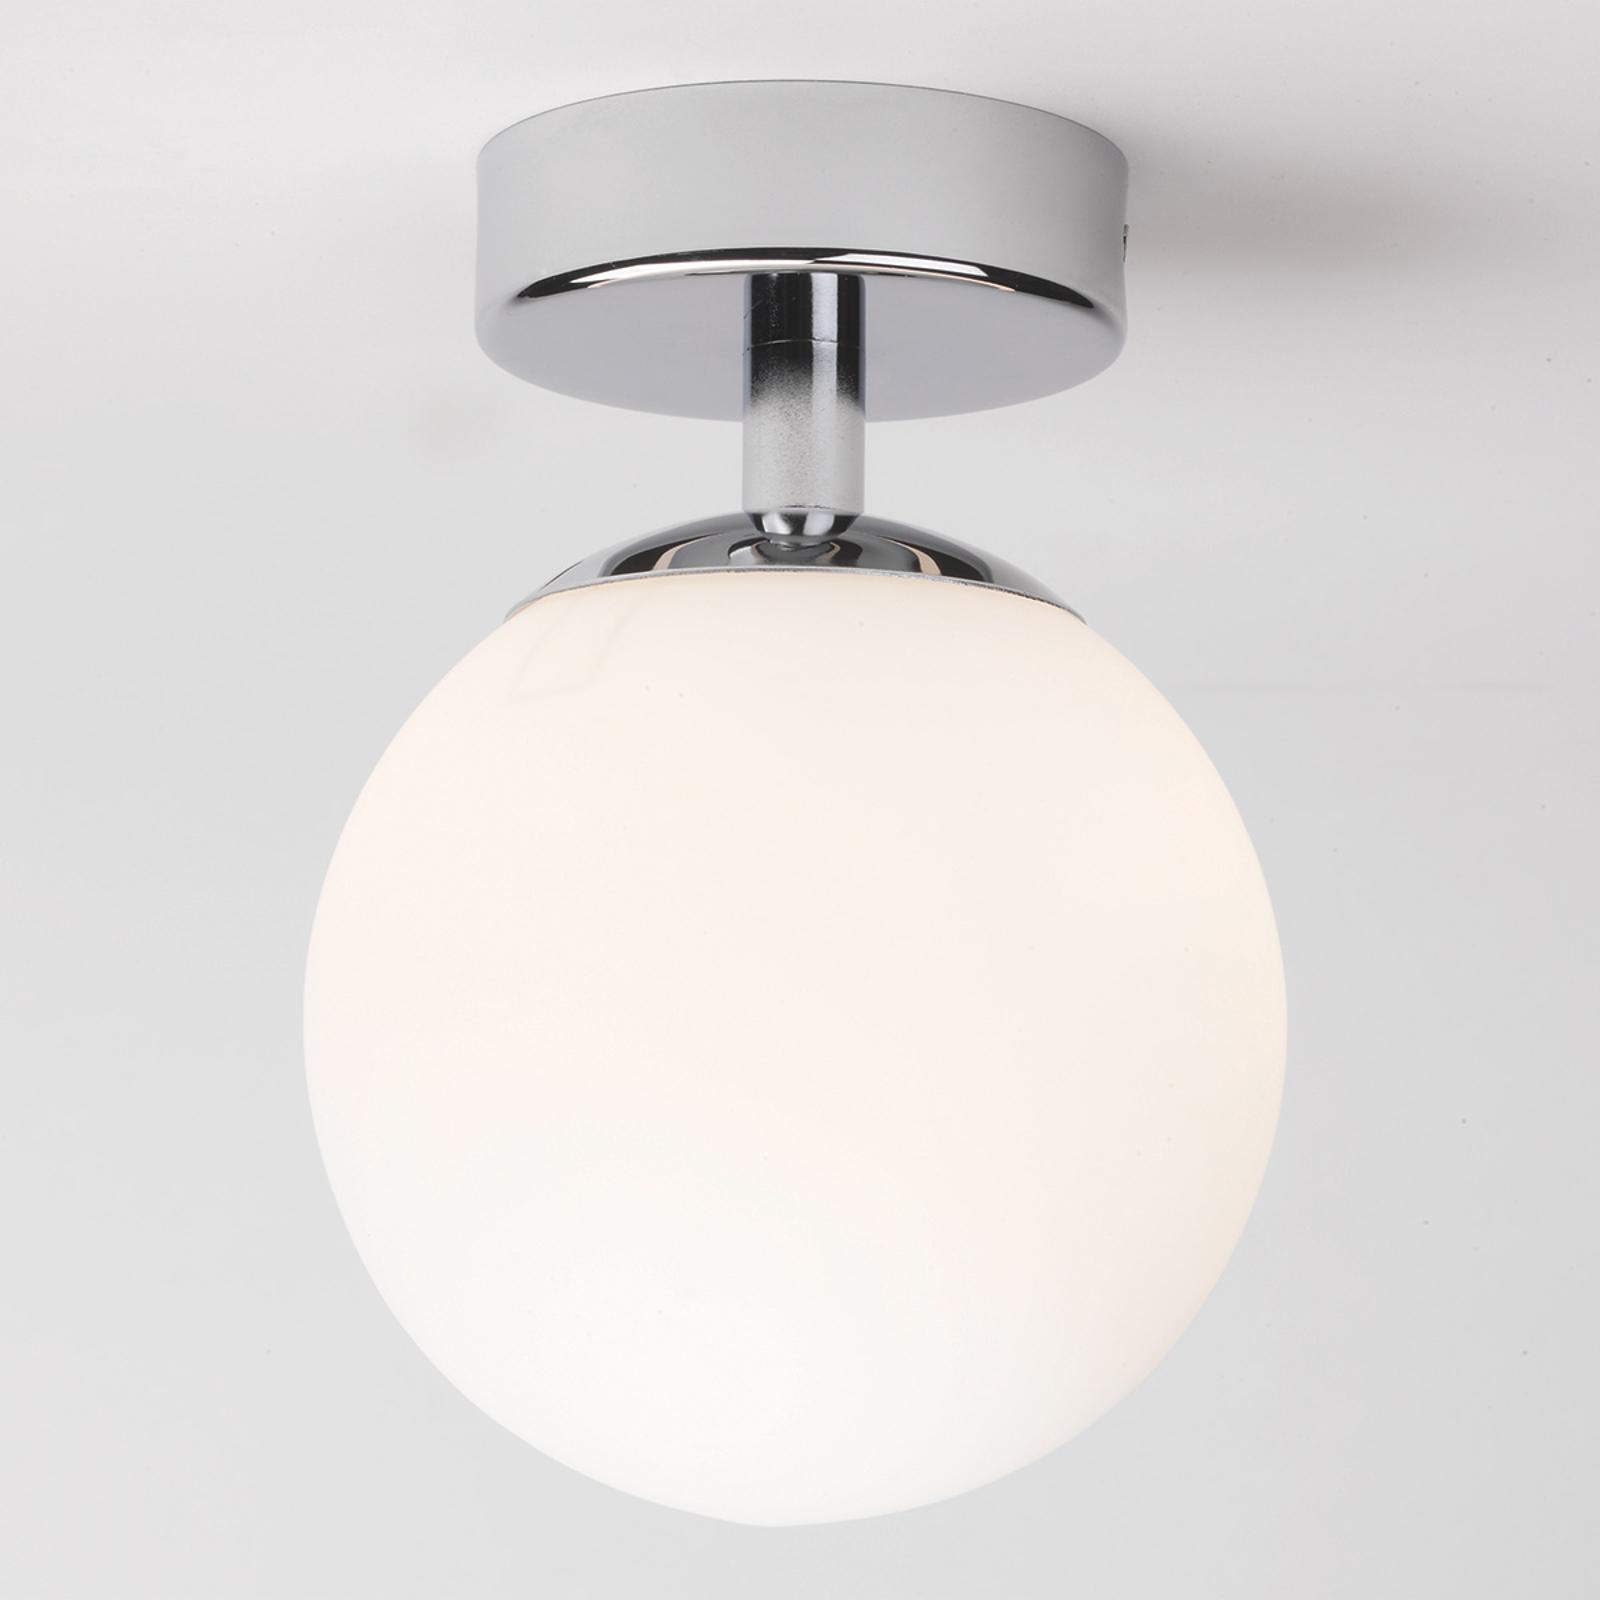 Lámpara de techo esférica DENVER decorativa